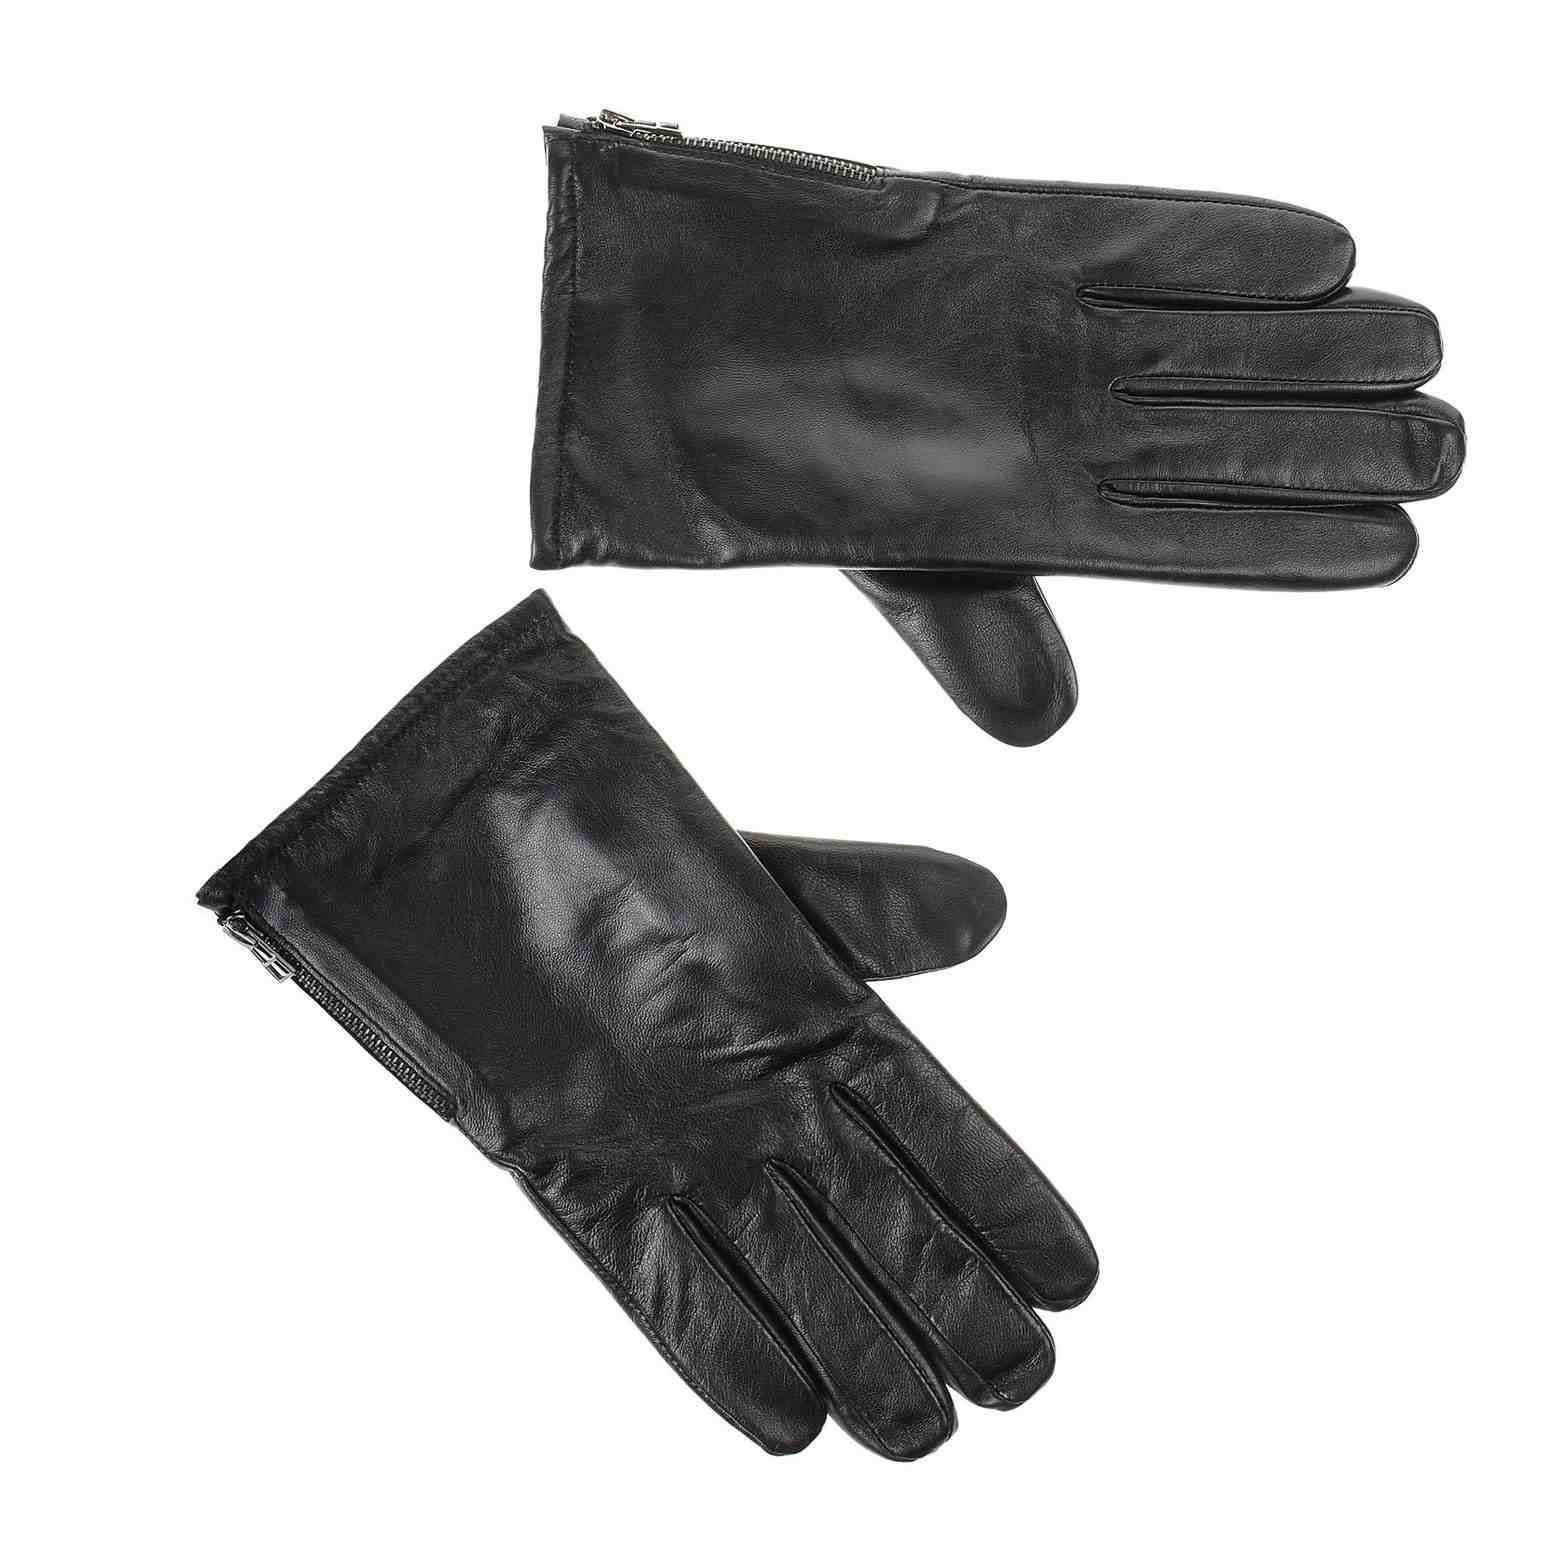 Αντρικά Δερμάτινα Γάντια Guy Laroche 98957 ανδρας   αντρικό γάντι